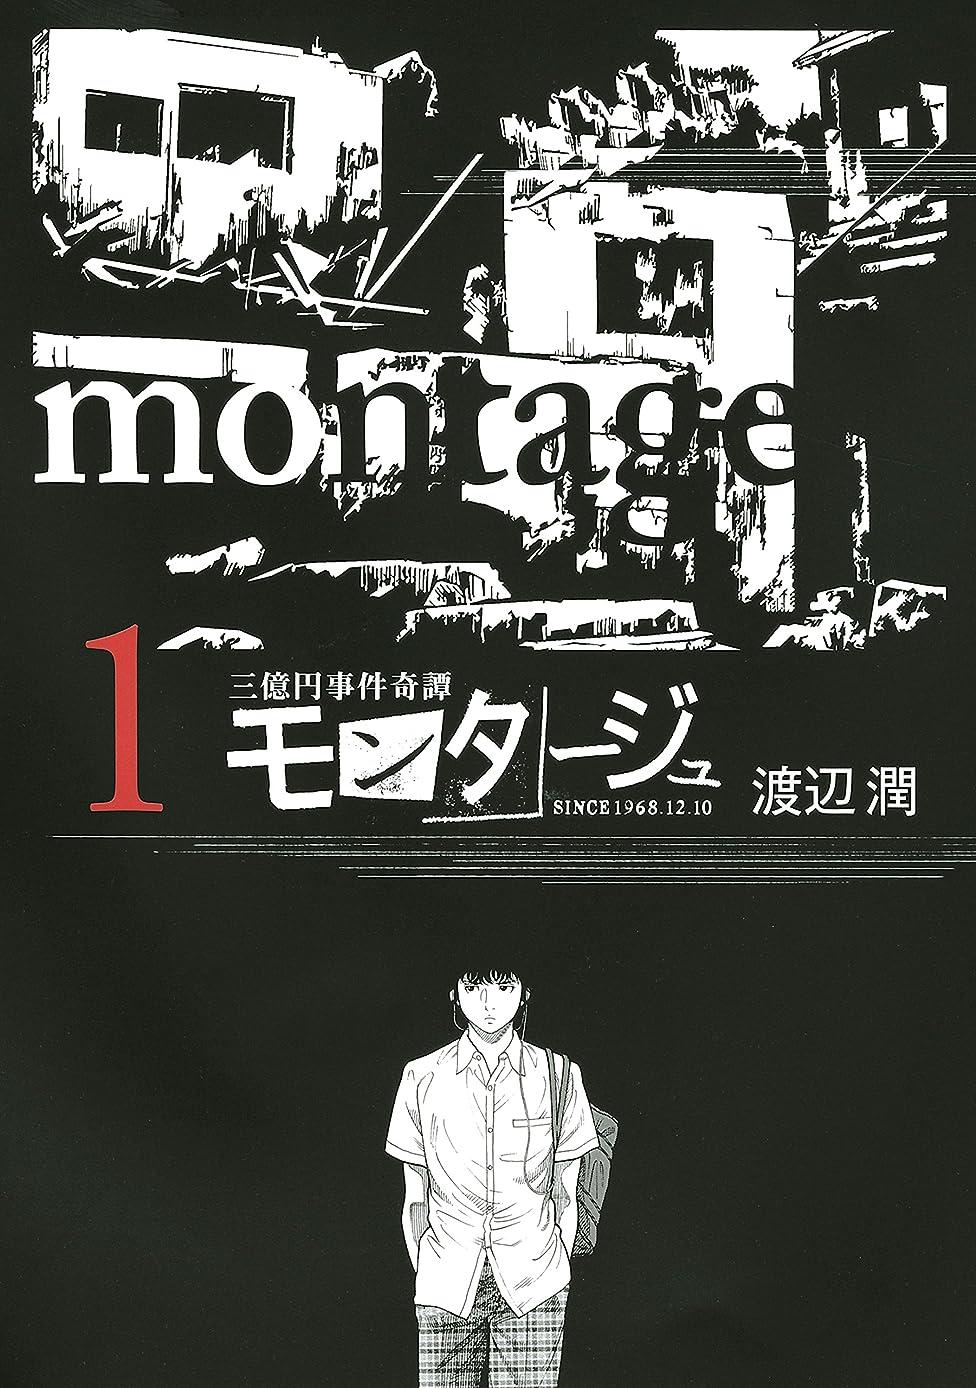 広い松の木マット三億円事件奇譚 モンタージュ(1) (ヤングマガジンコミックス)